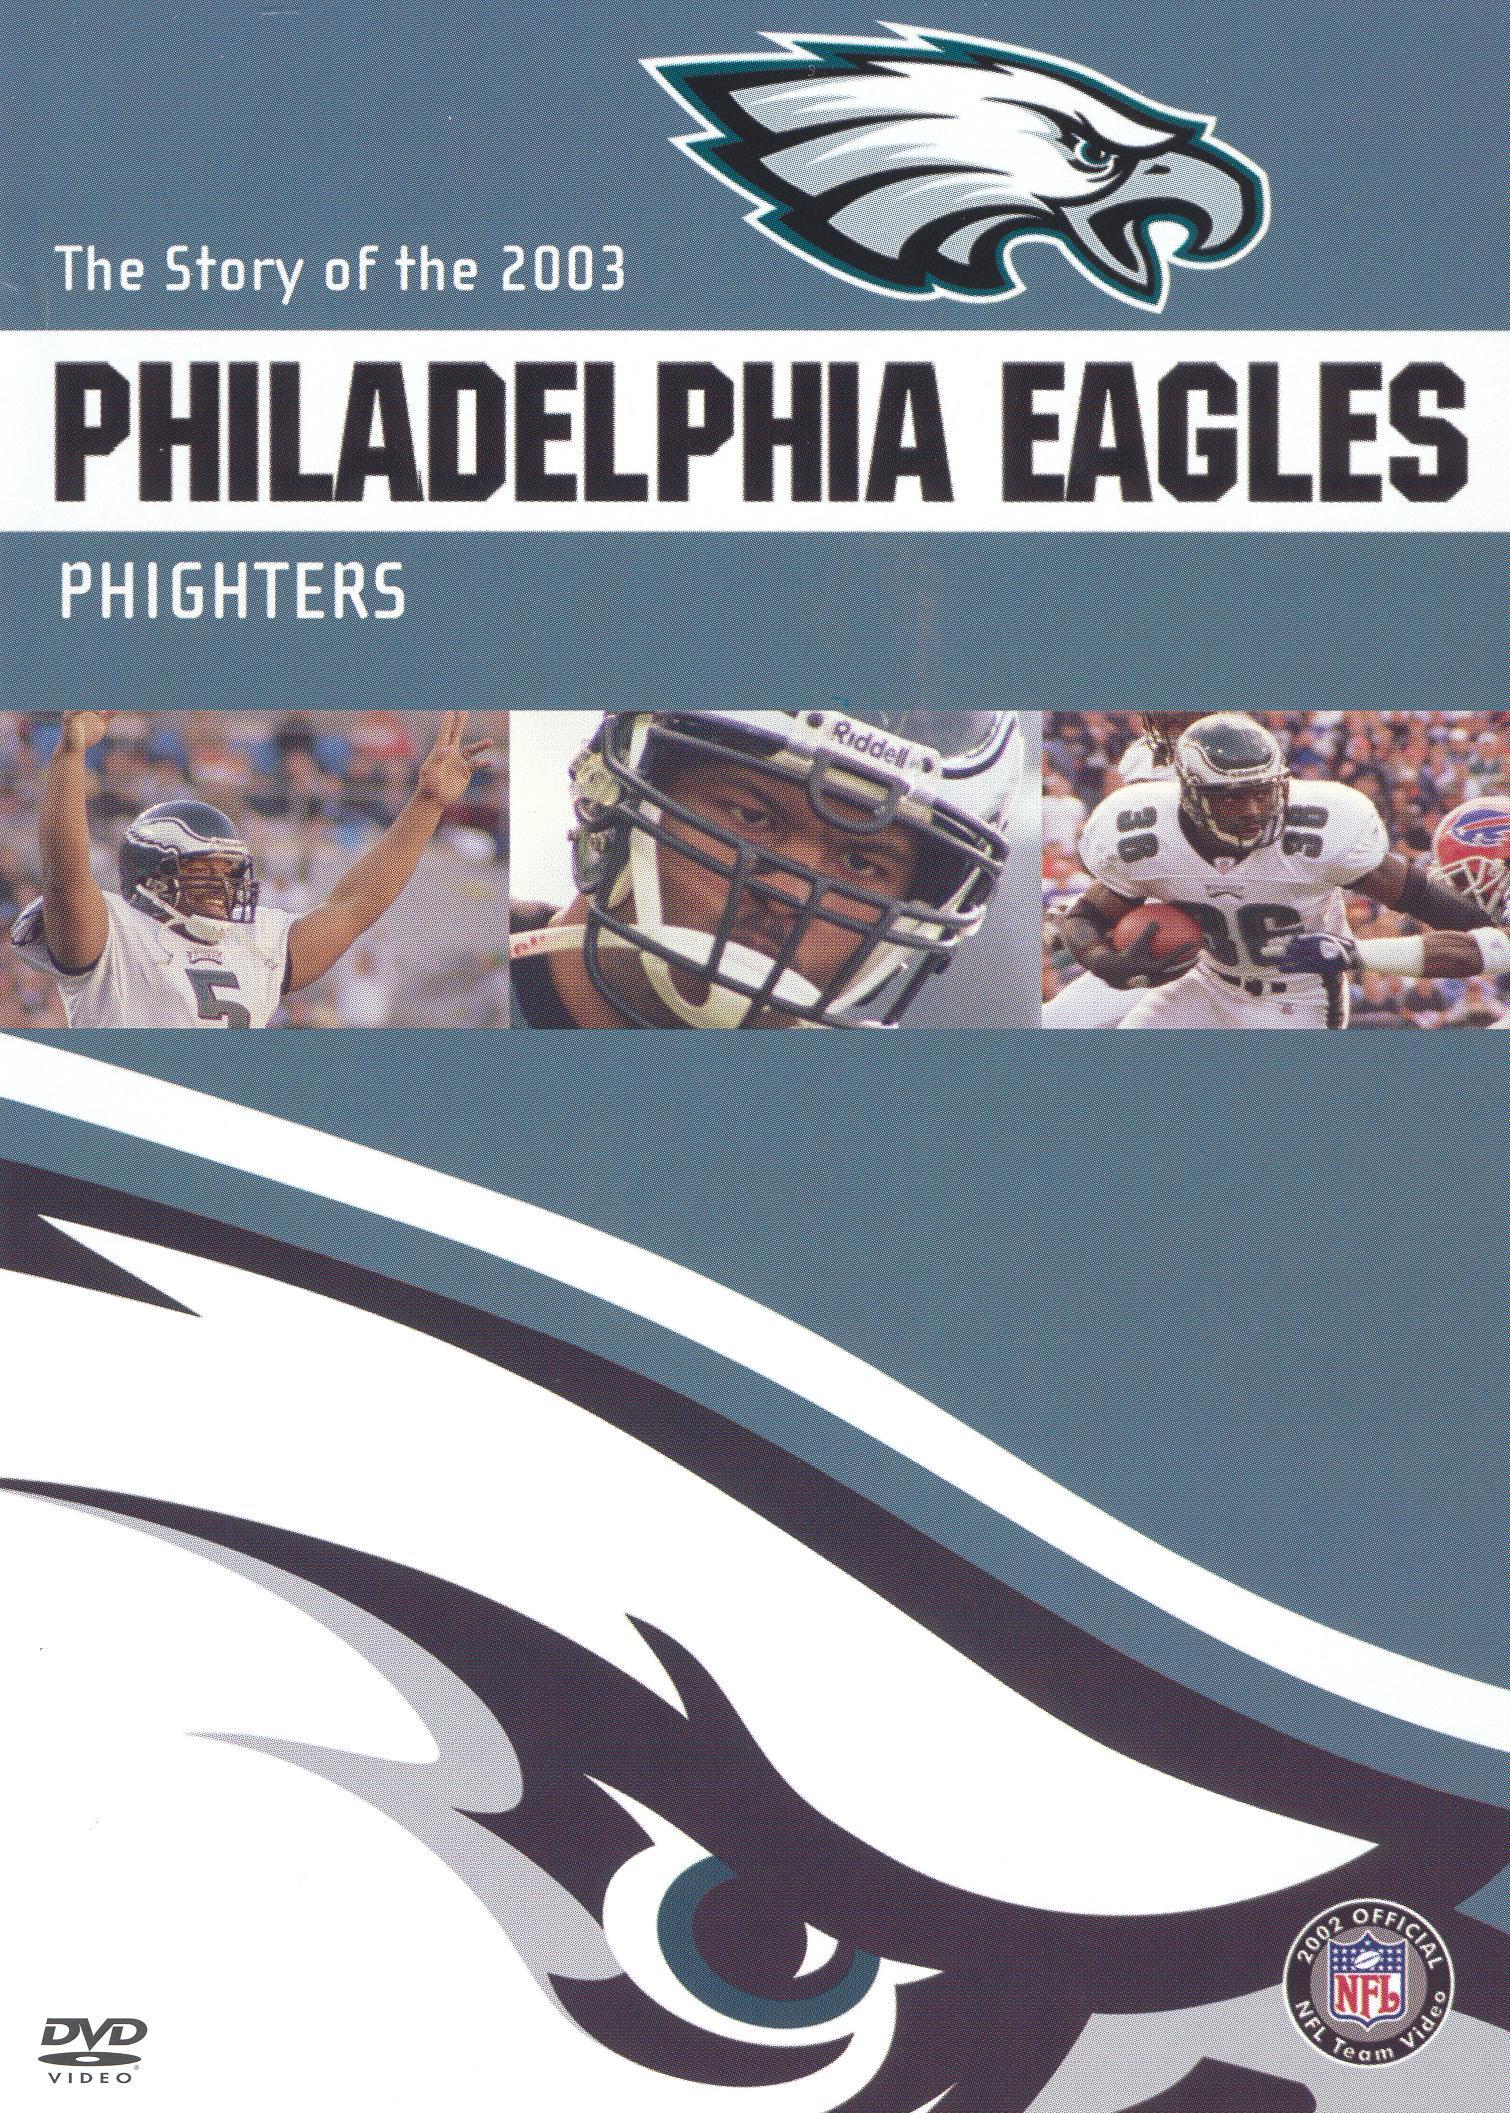 NFL: 2003 Philadelphia Eagles Team Video - Phighters